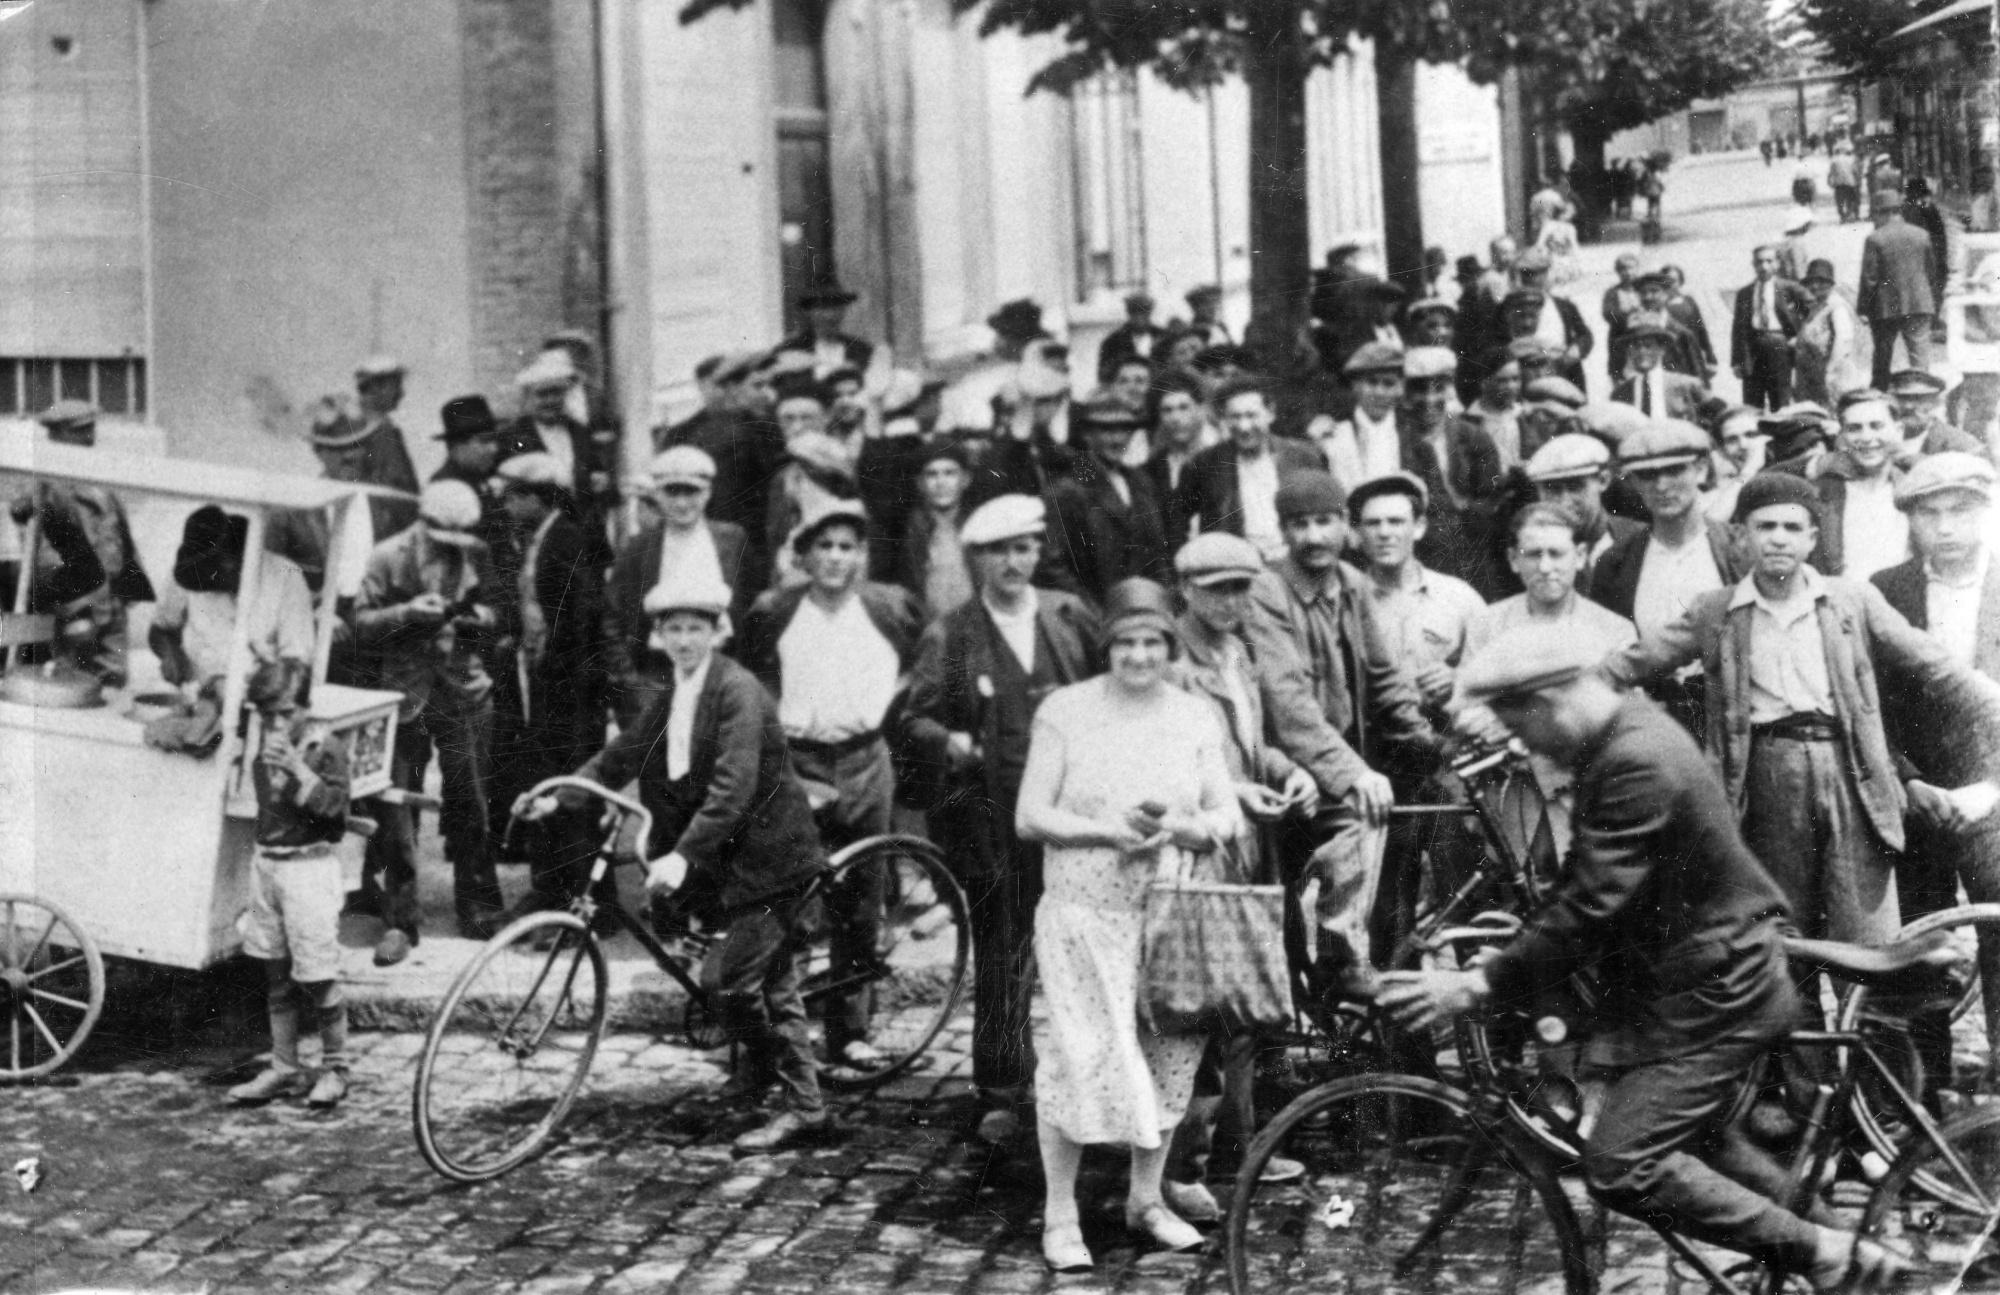 Sortie des usines Gillet en 1928